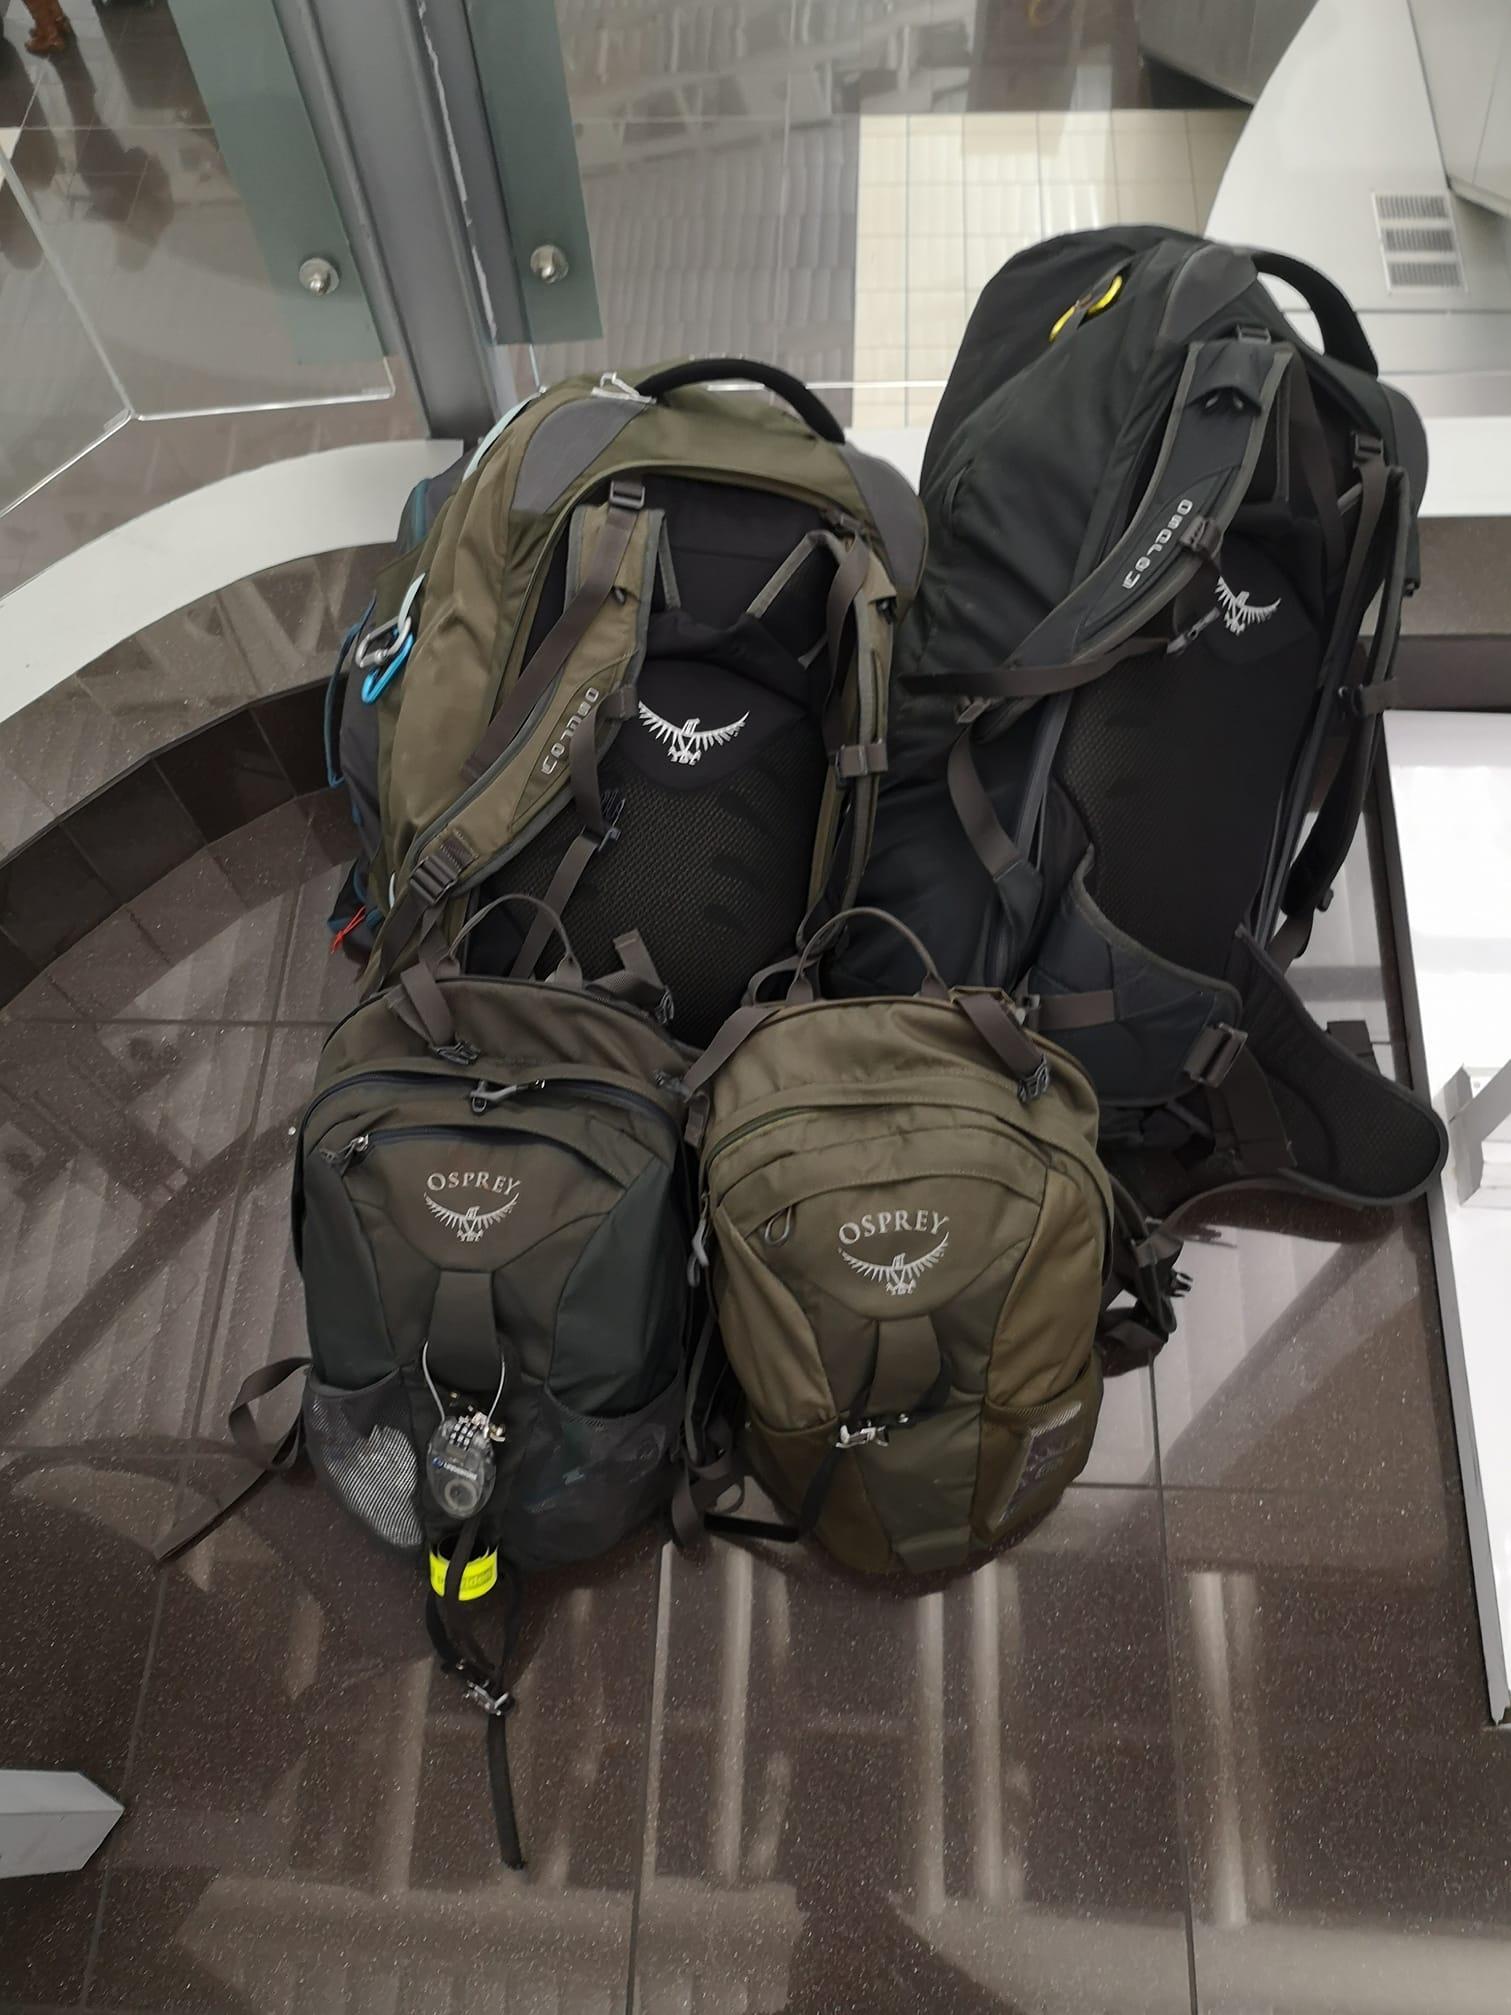 """Svojo prtljago imej vedno """"na radarju"""" (za varnost na potovanjih)"""